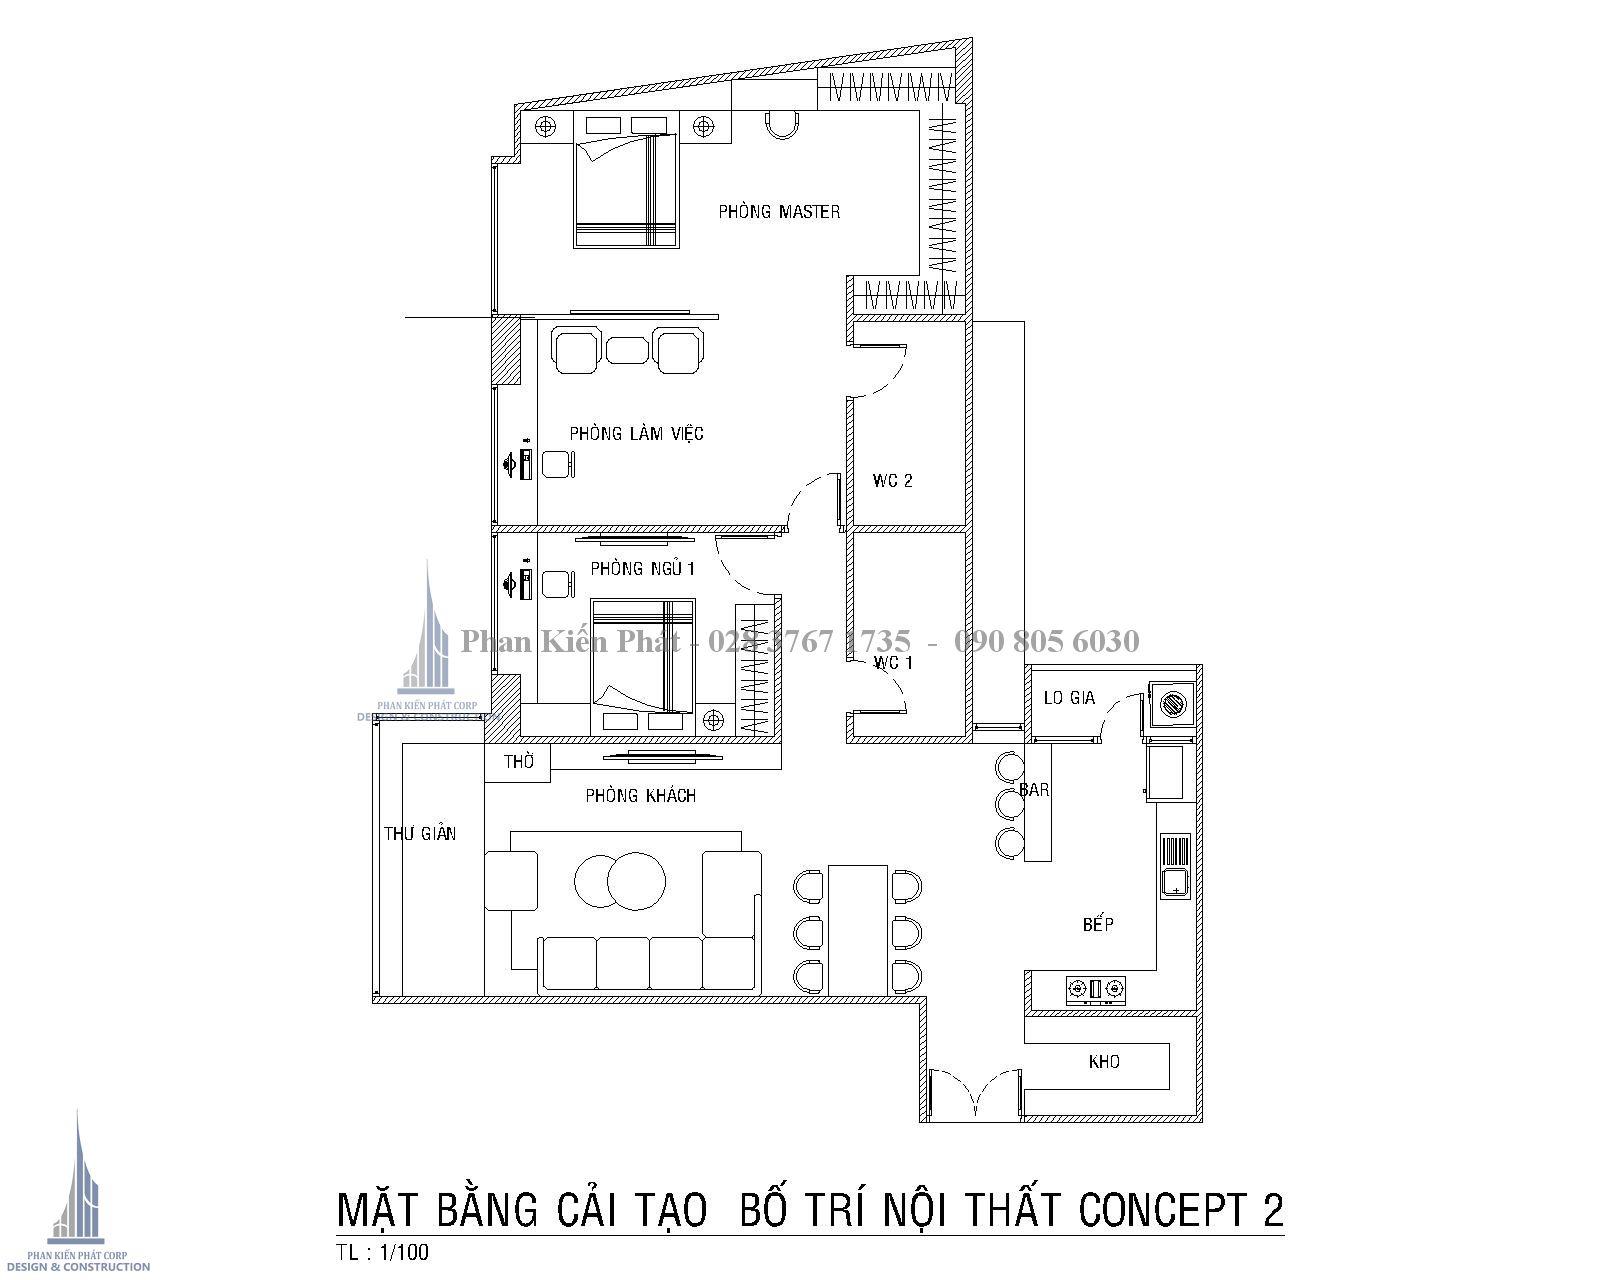 Can Ho Nguyen Huu Canh Mat Bang Cai Tao Bo Tri Concept 2